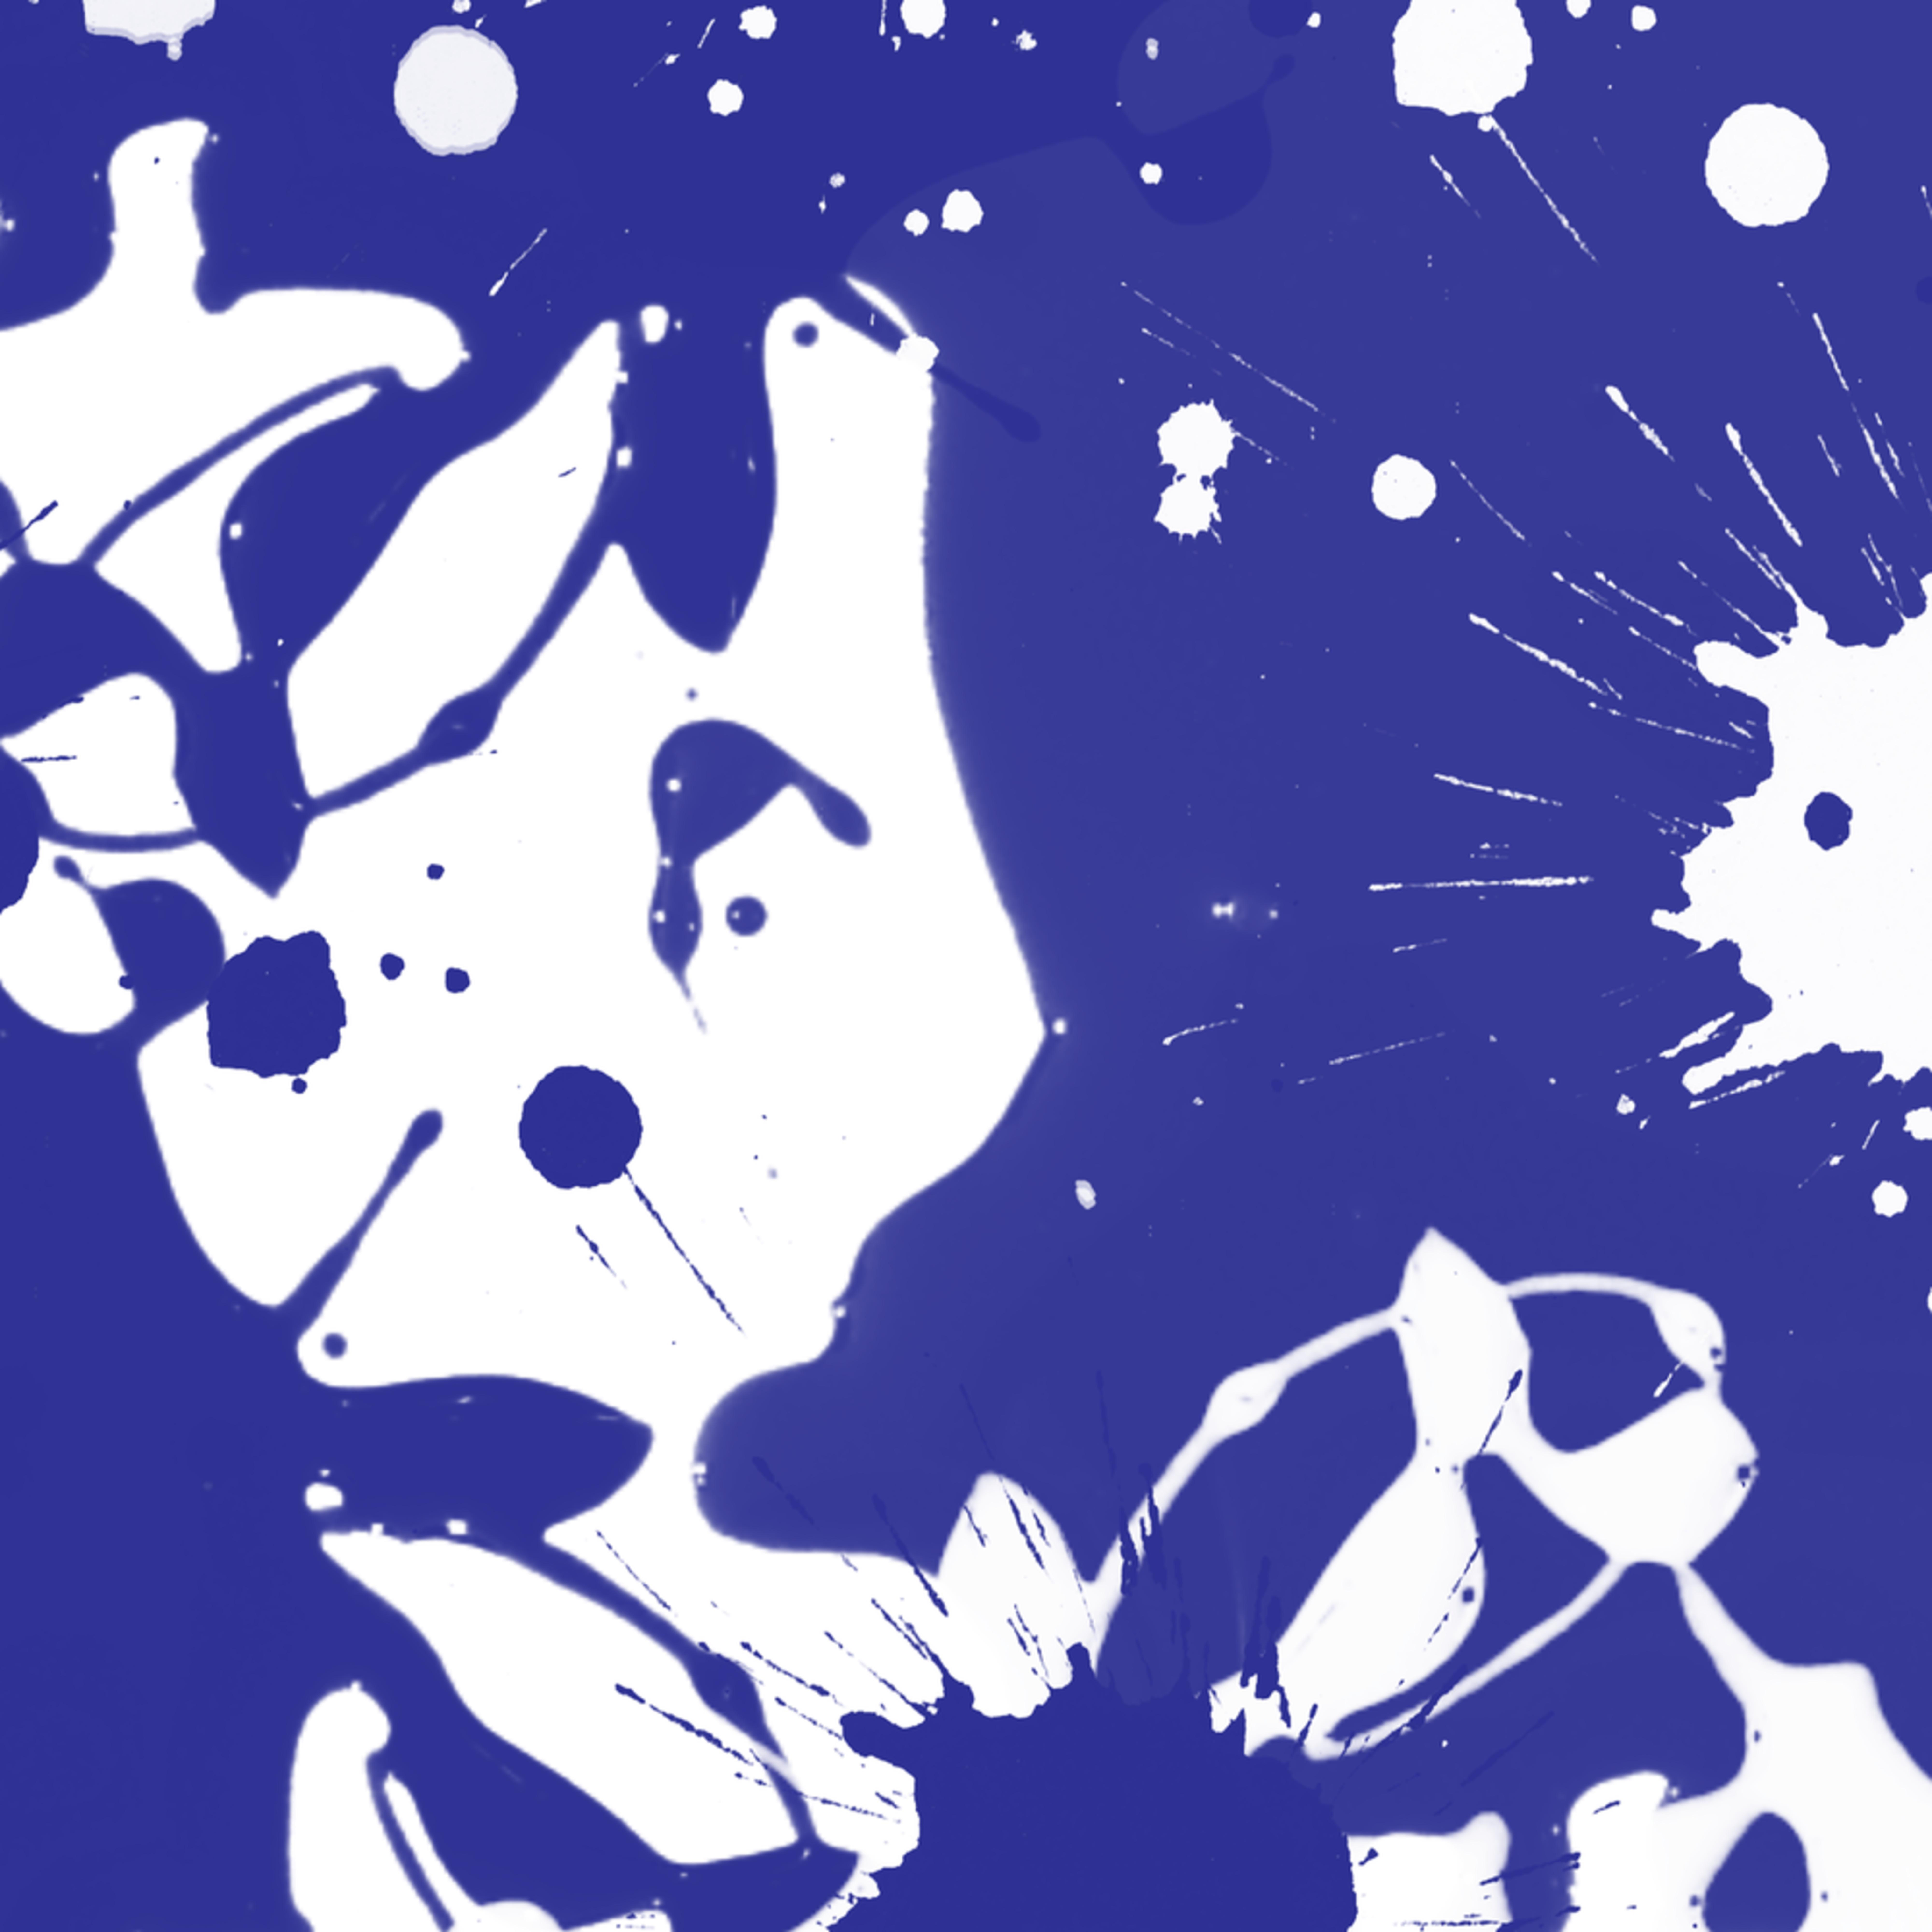 Abstract art 80 14 vannzr